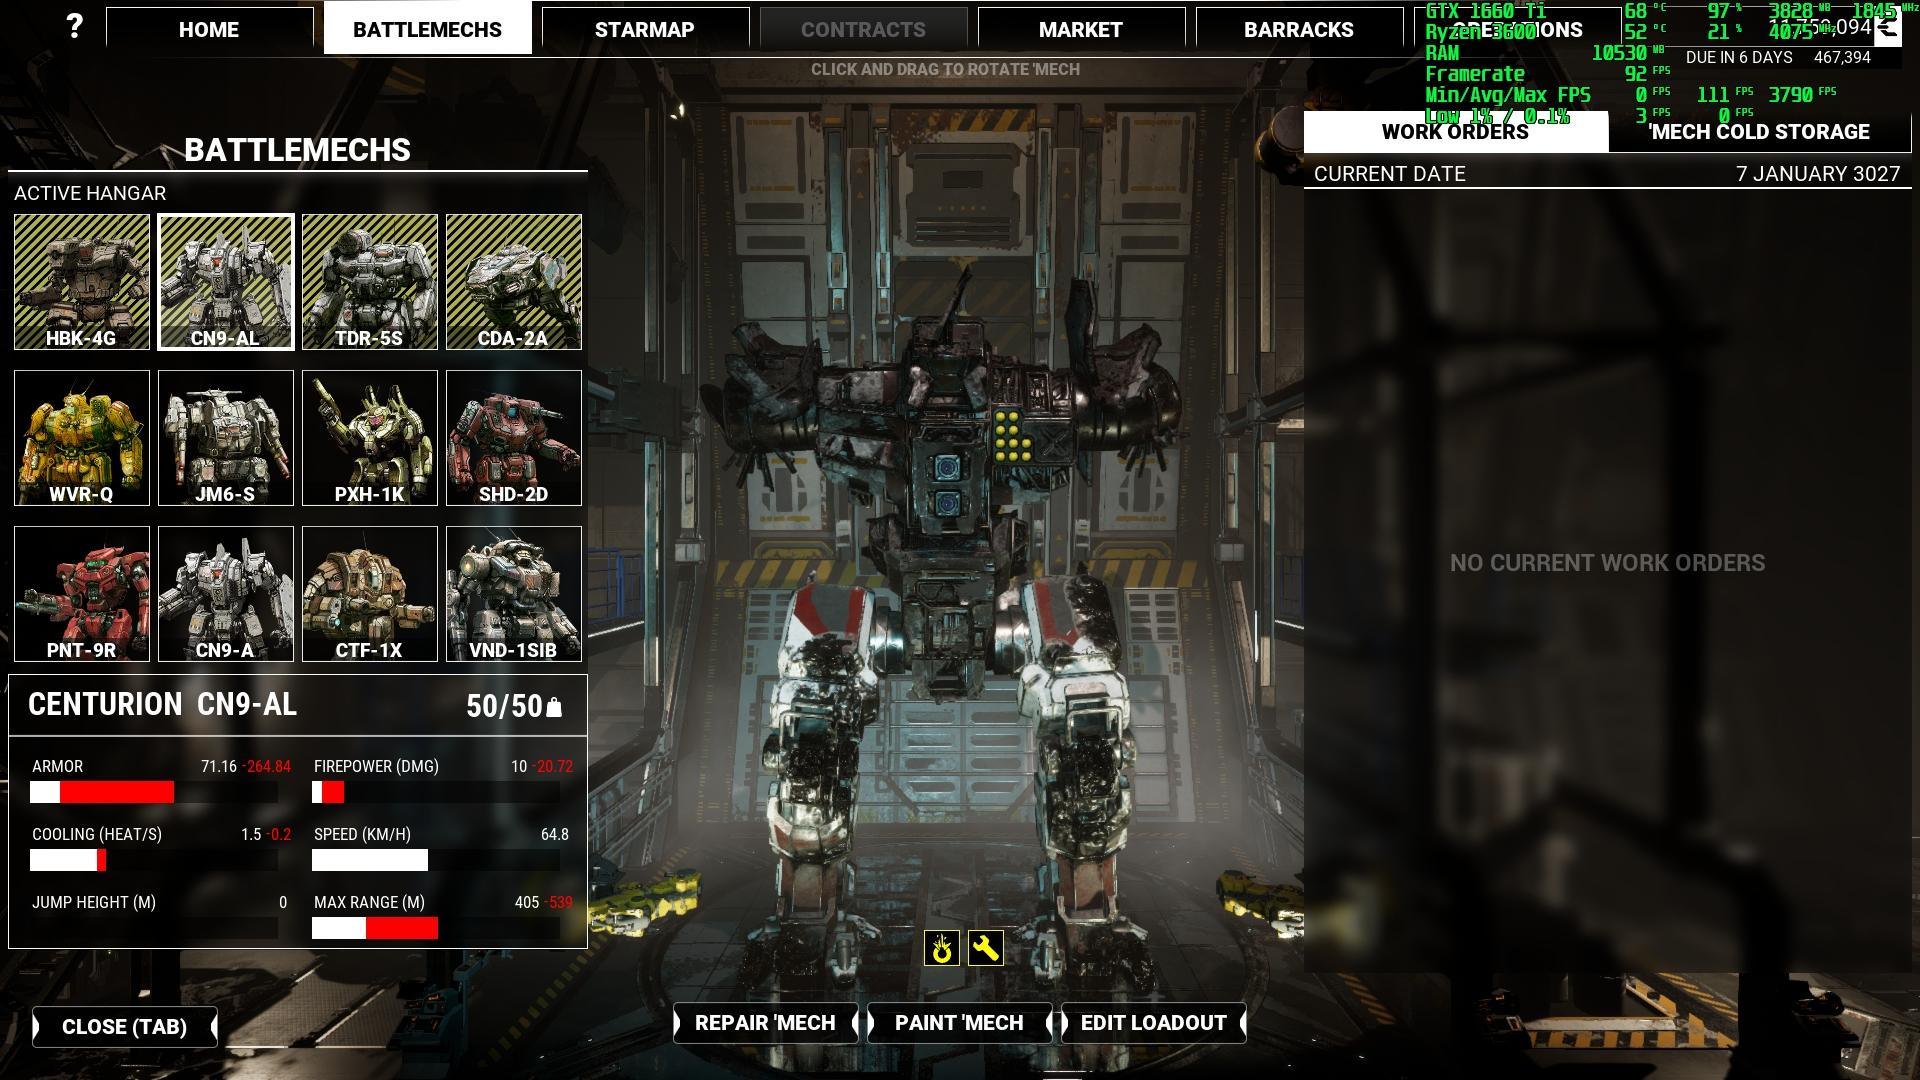 MechWarrior-Win64-Shipping_2020_05_16_00_41_05_941.jpg